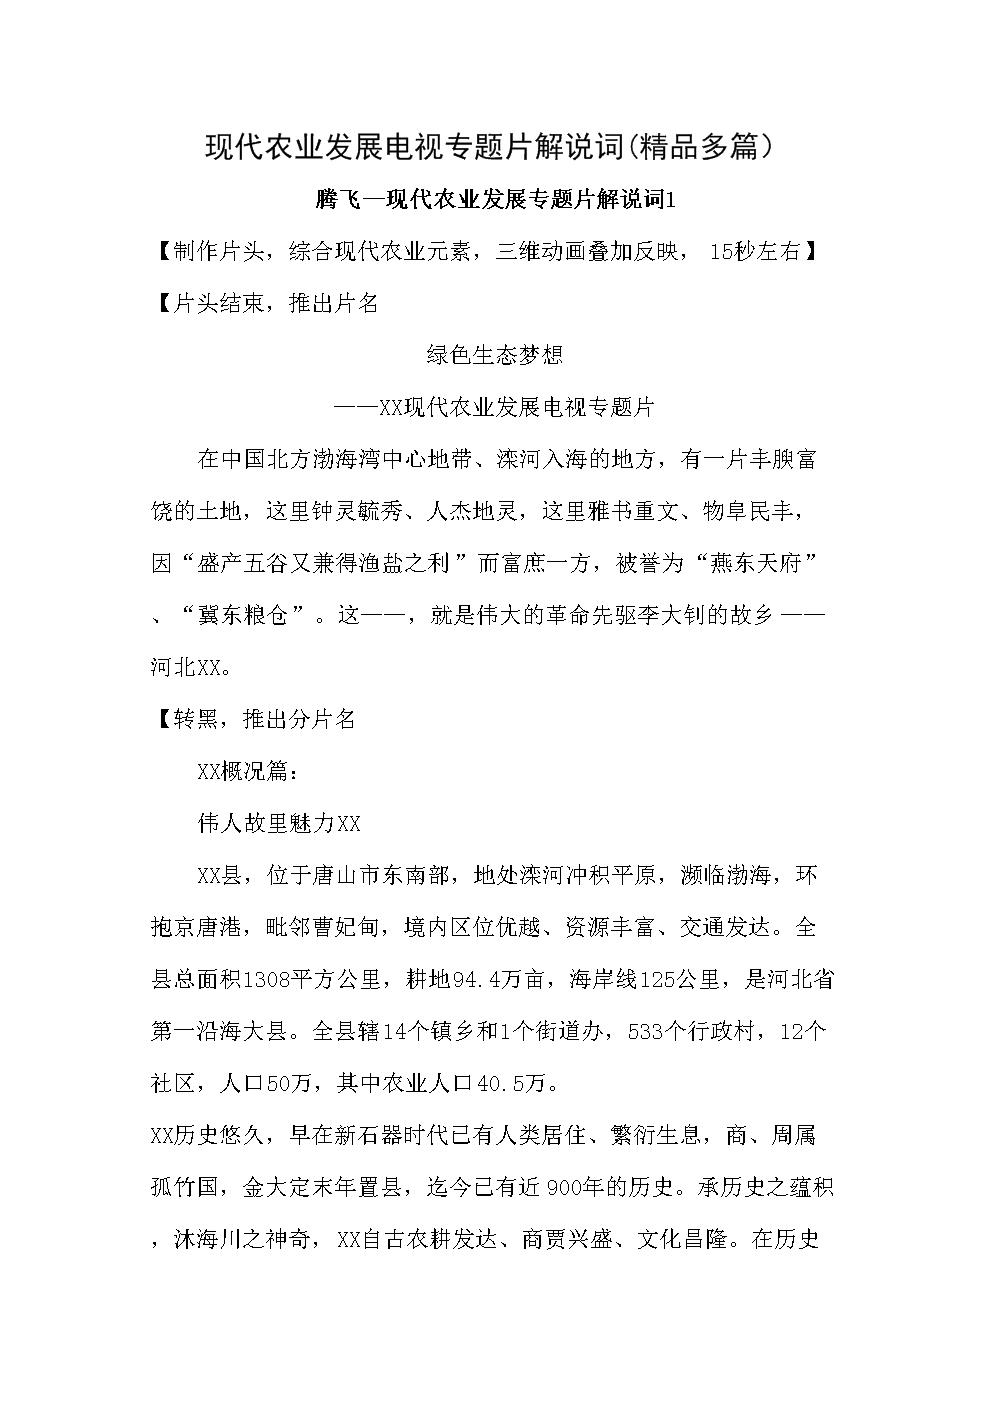 现代农业发展电视专题片解说词(精品多篇).doc